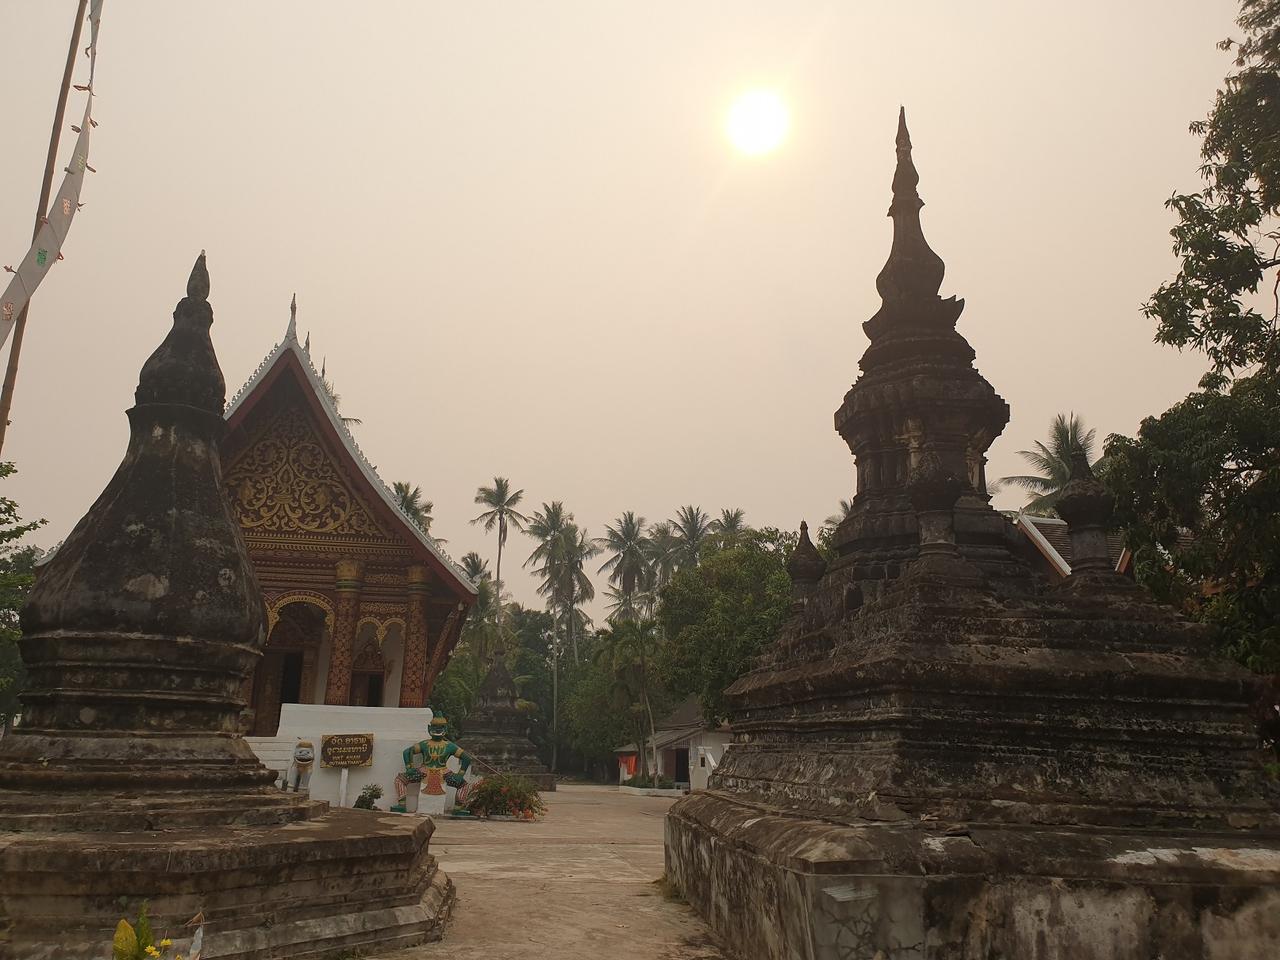 Švajďáci na cestách – Laos a útěk do Thajska